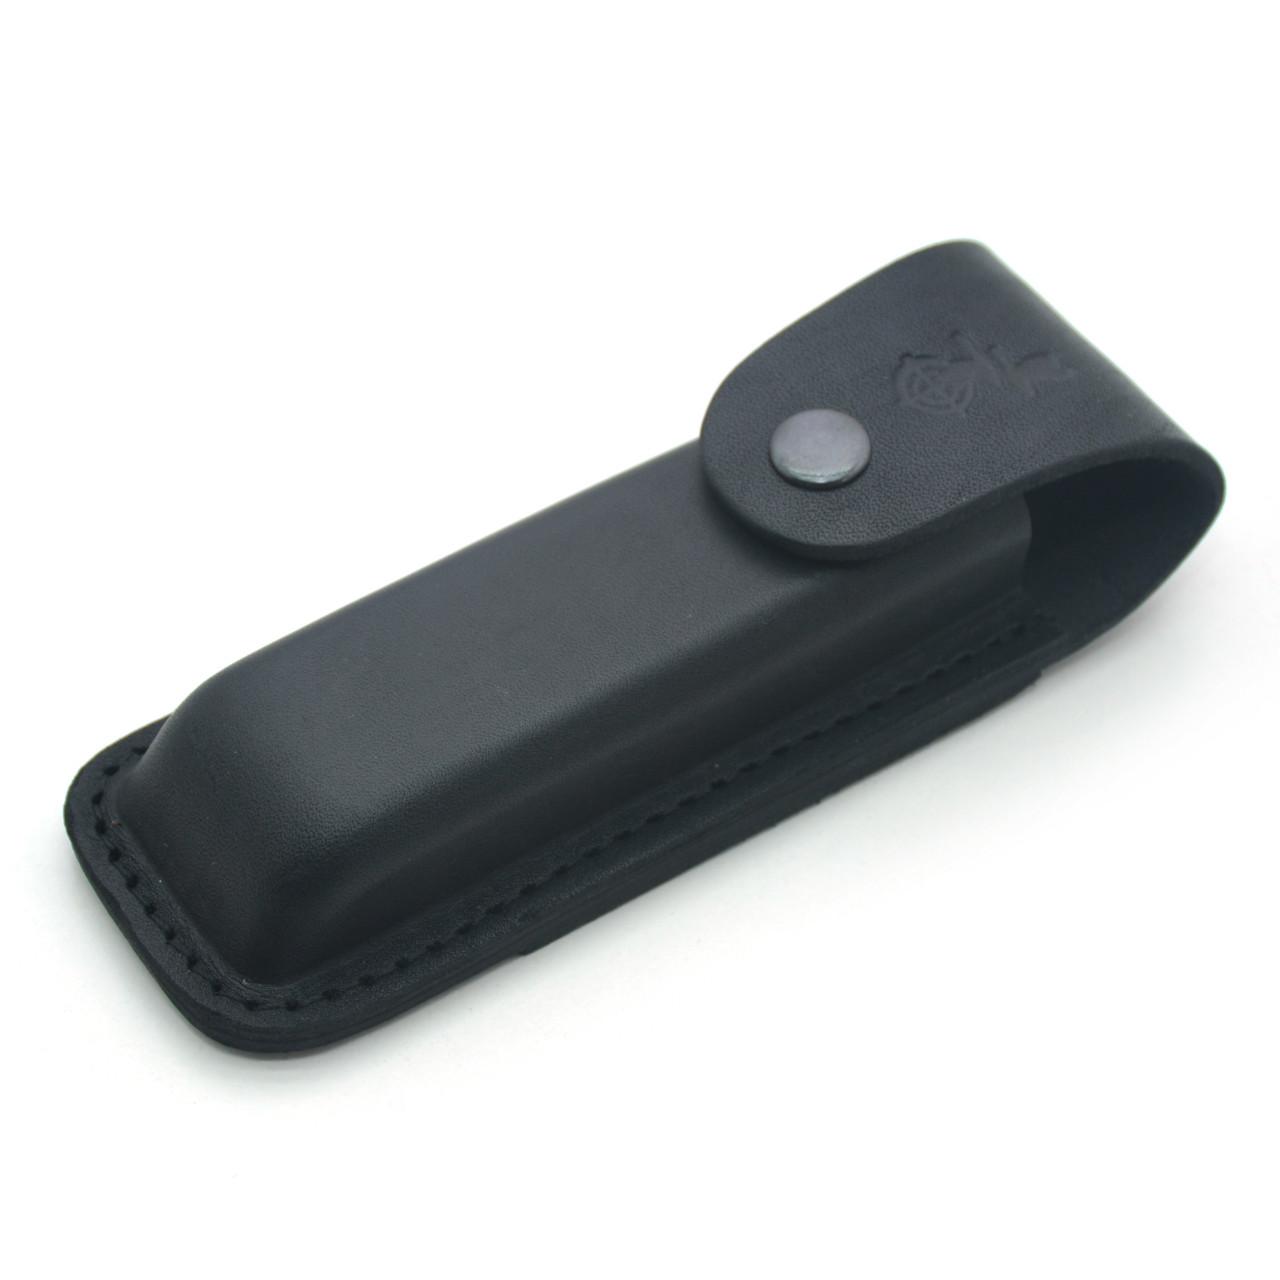 Чехол для раскладного ножа 13 х 3,5 х 2 см черный 5291/1